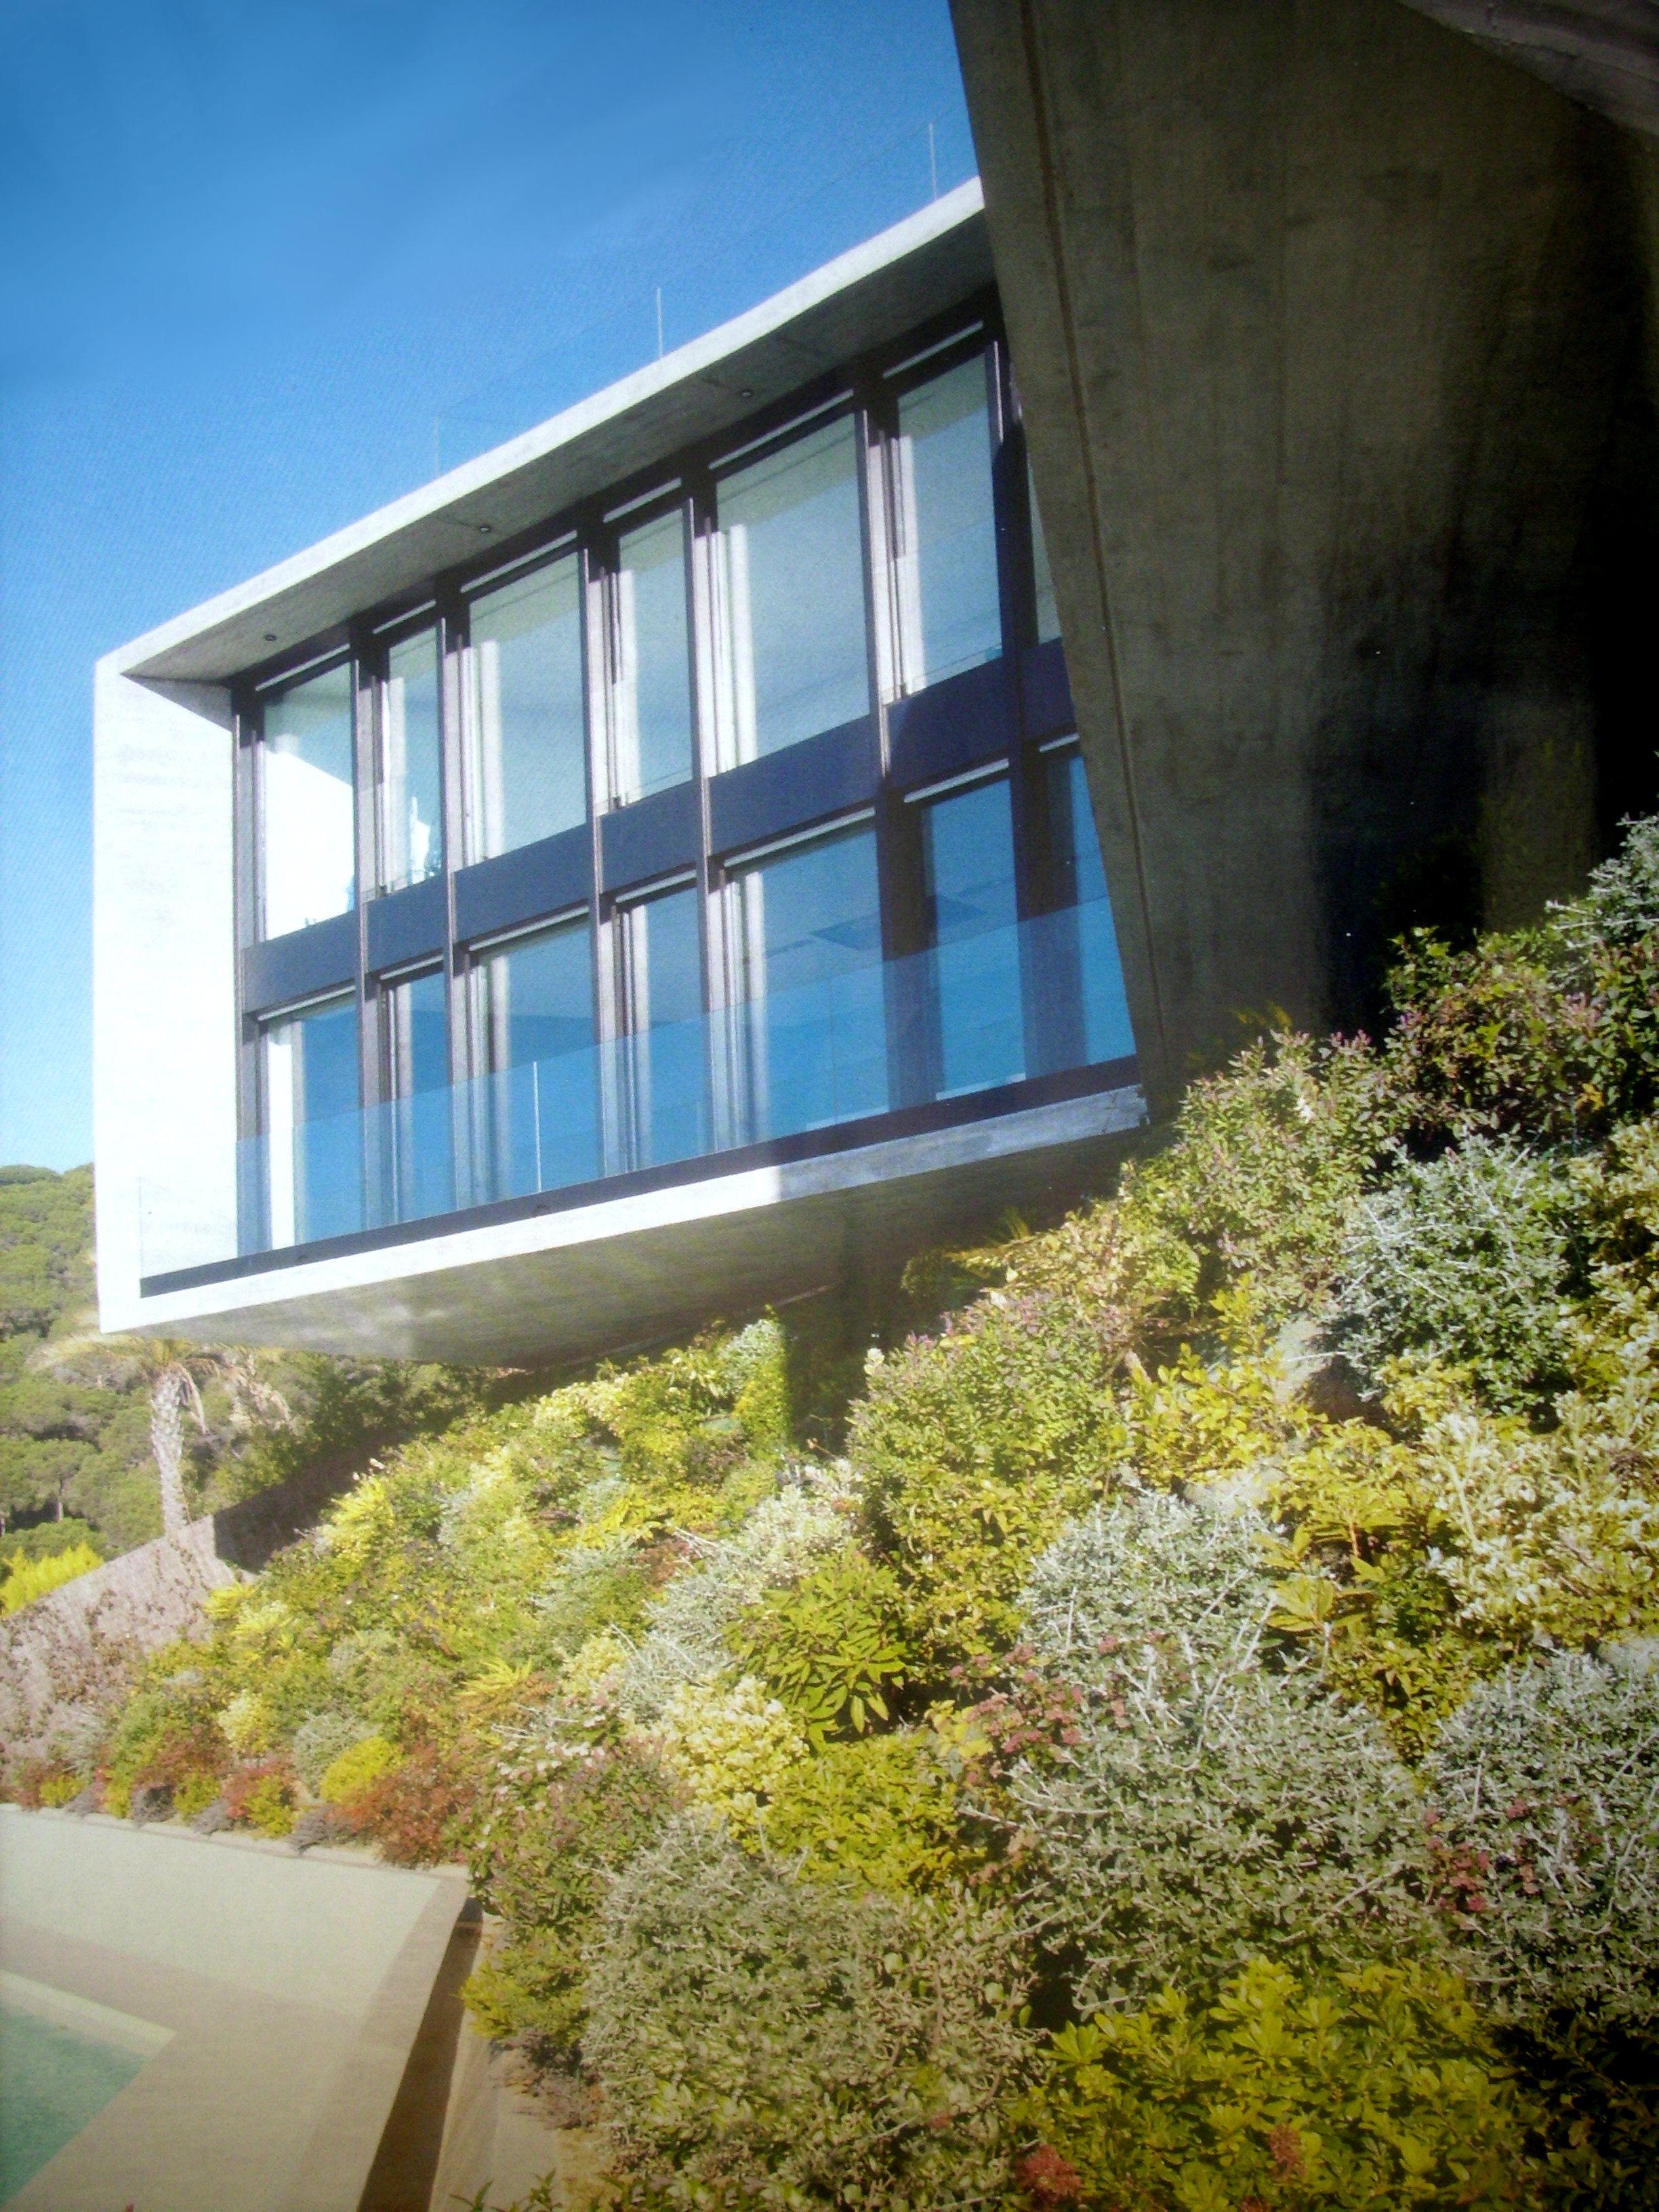 Casa x Microcemento Barcelona Topcret Exterior Vistas